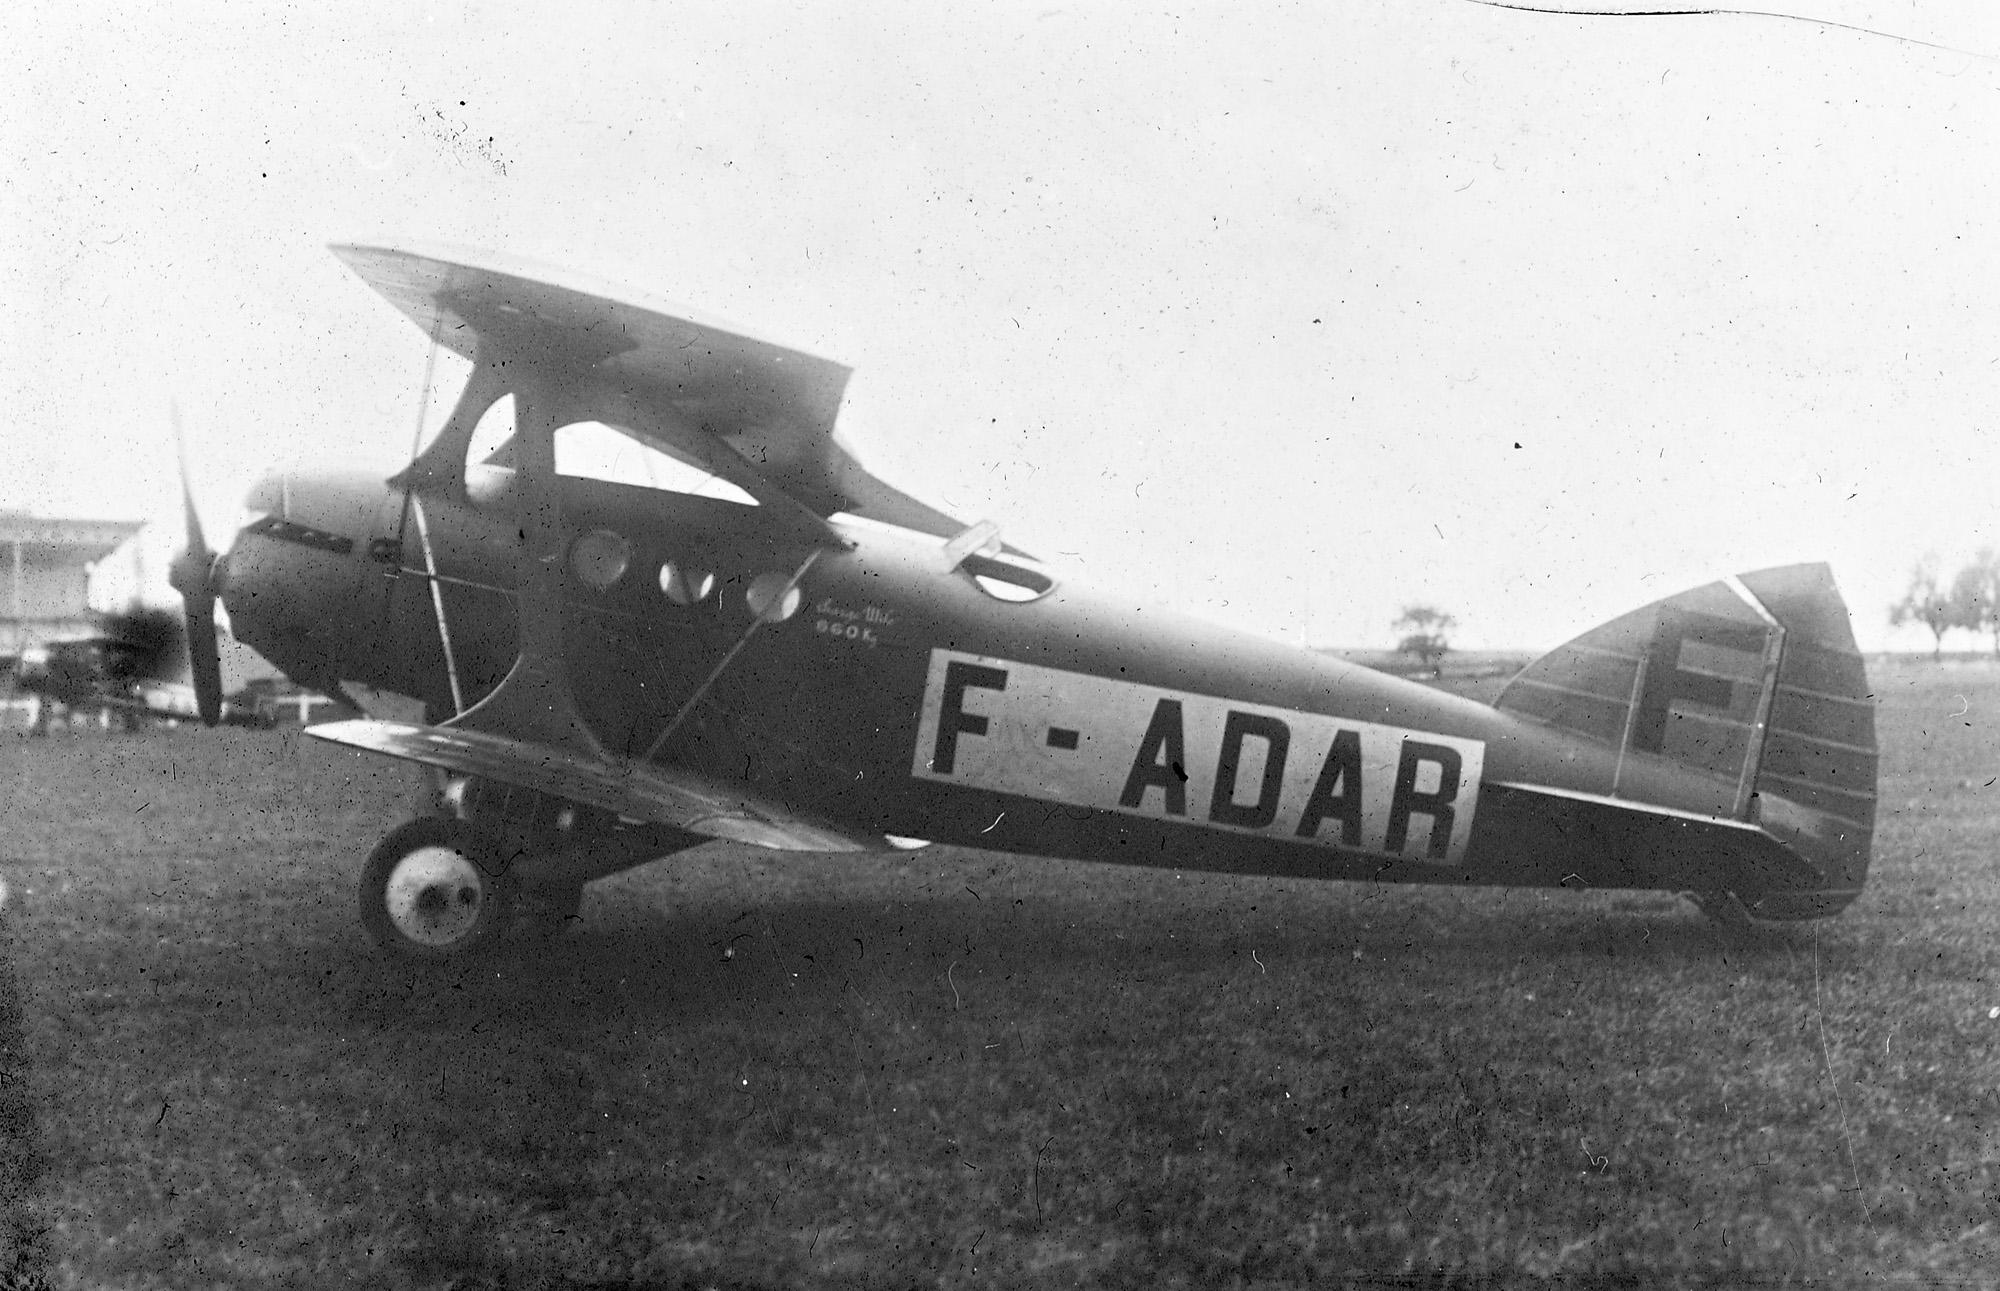 F-Adar: Bleriot Spad No. 46